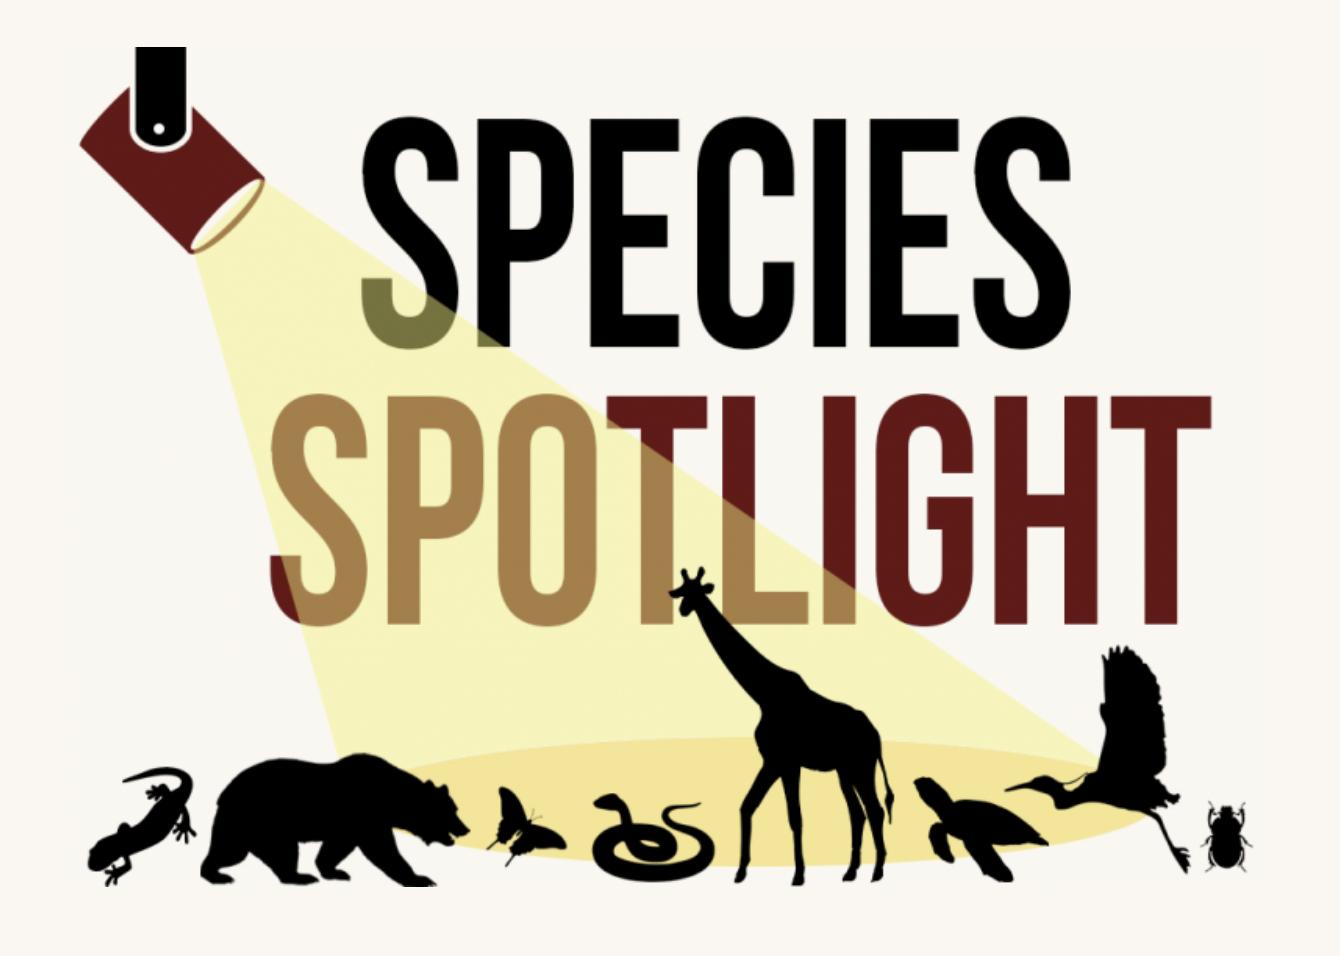 species spotlight